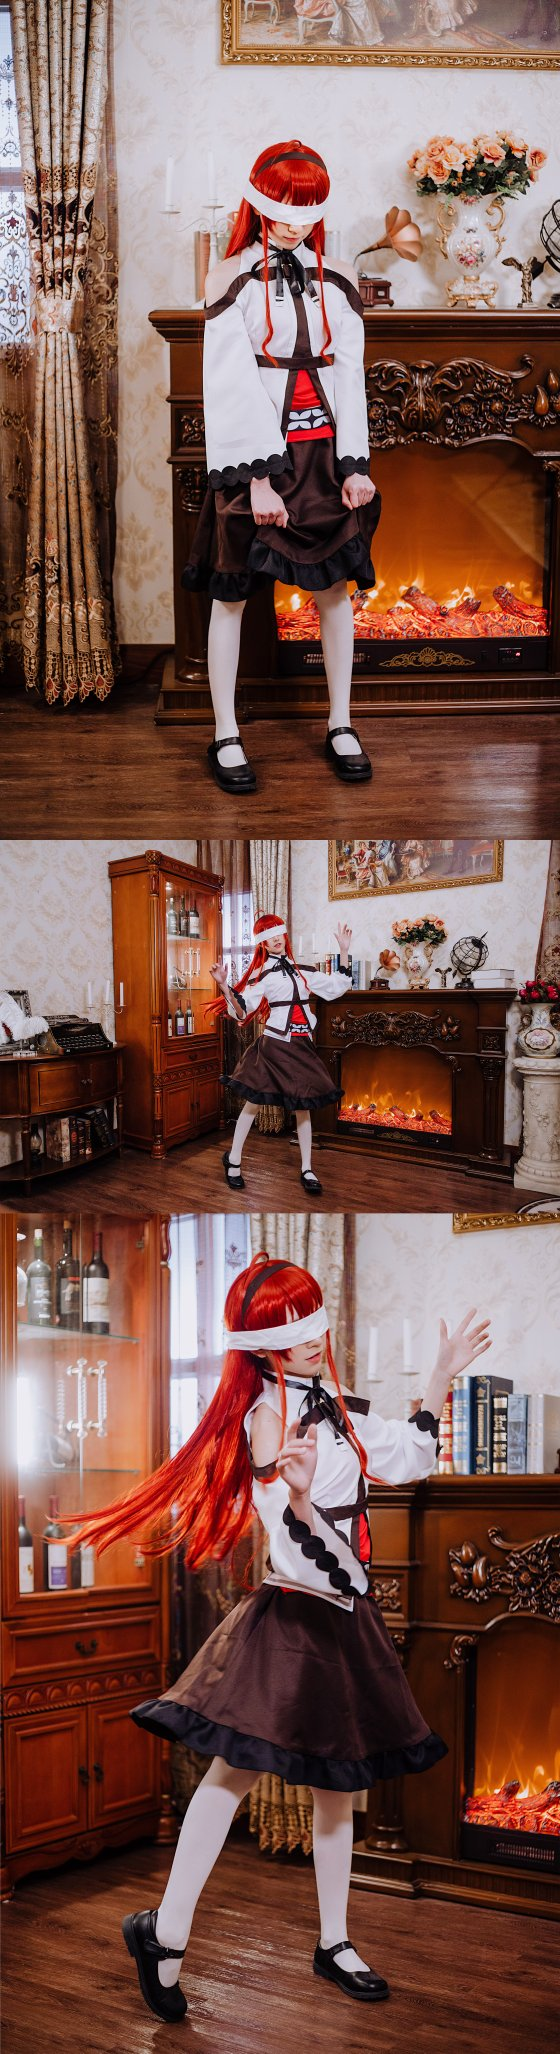 画像,#無職転生  #cosplay 名前はエリスで、アリスではない✩昨日はミスをしてしまい申し訳ありませんでした( •̥́ ˍ •̀ू )coser:@kitaro…